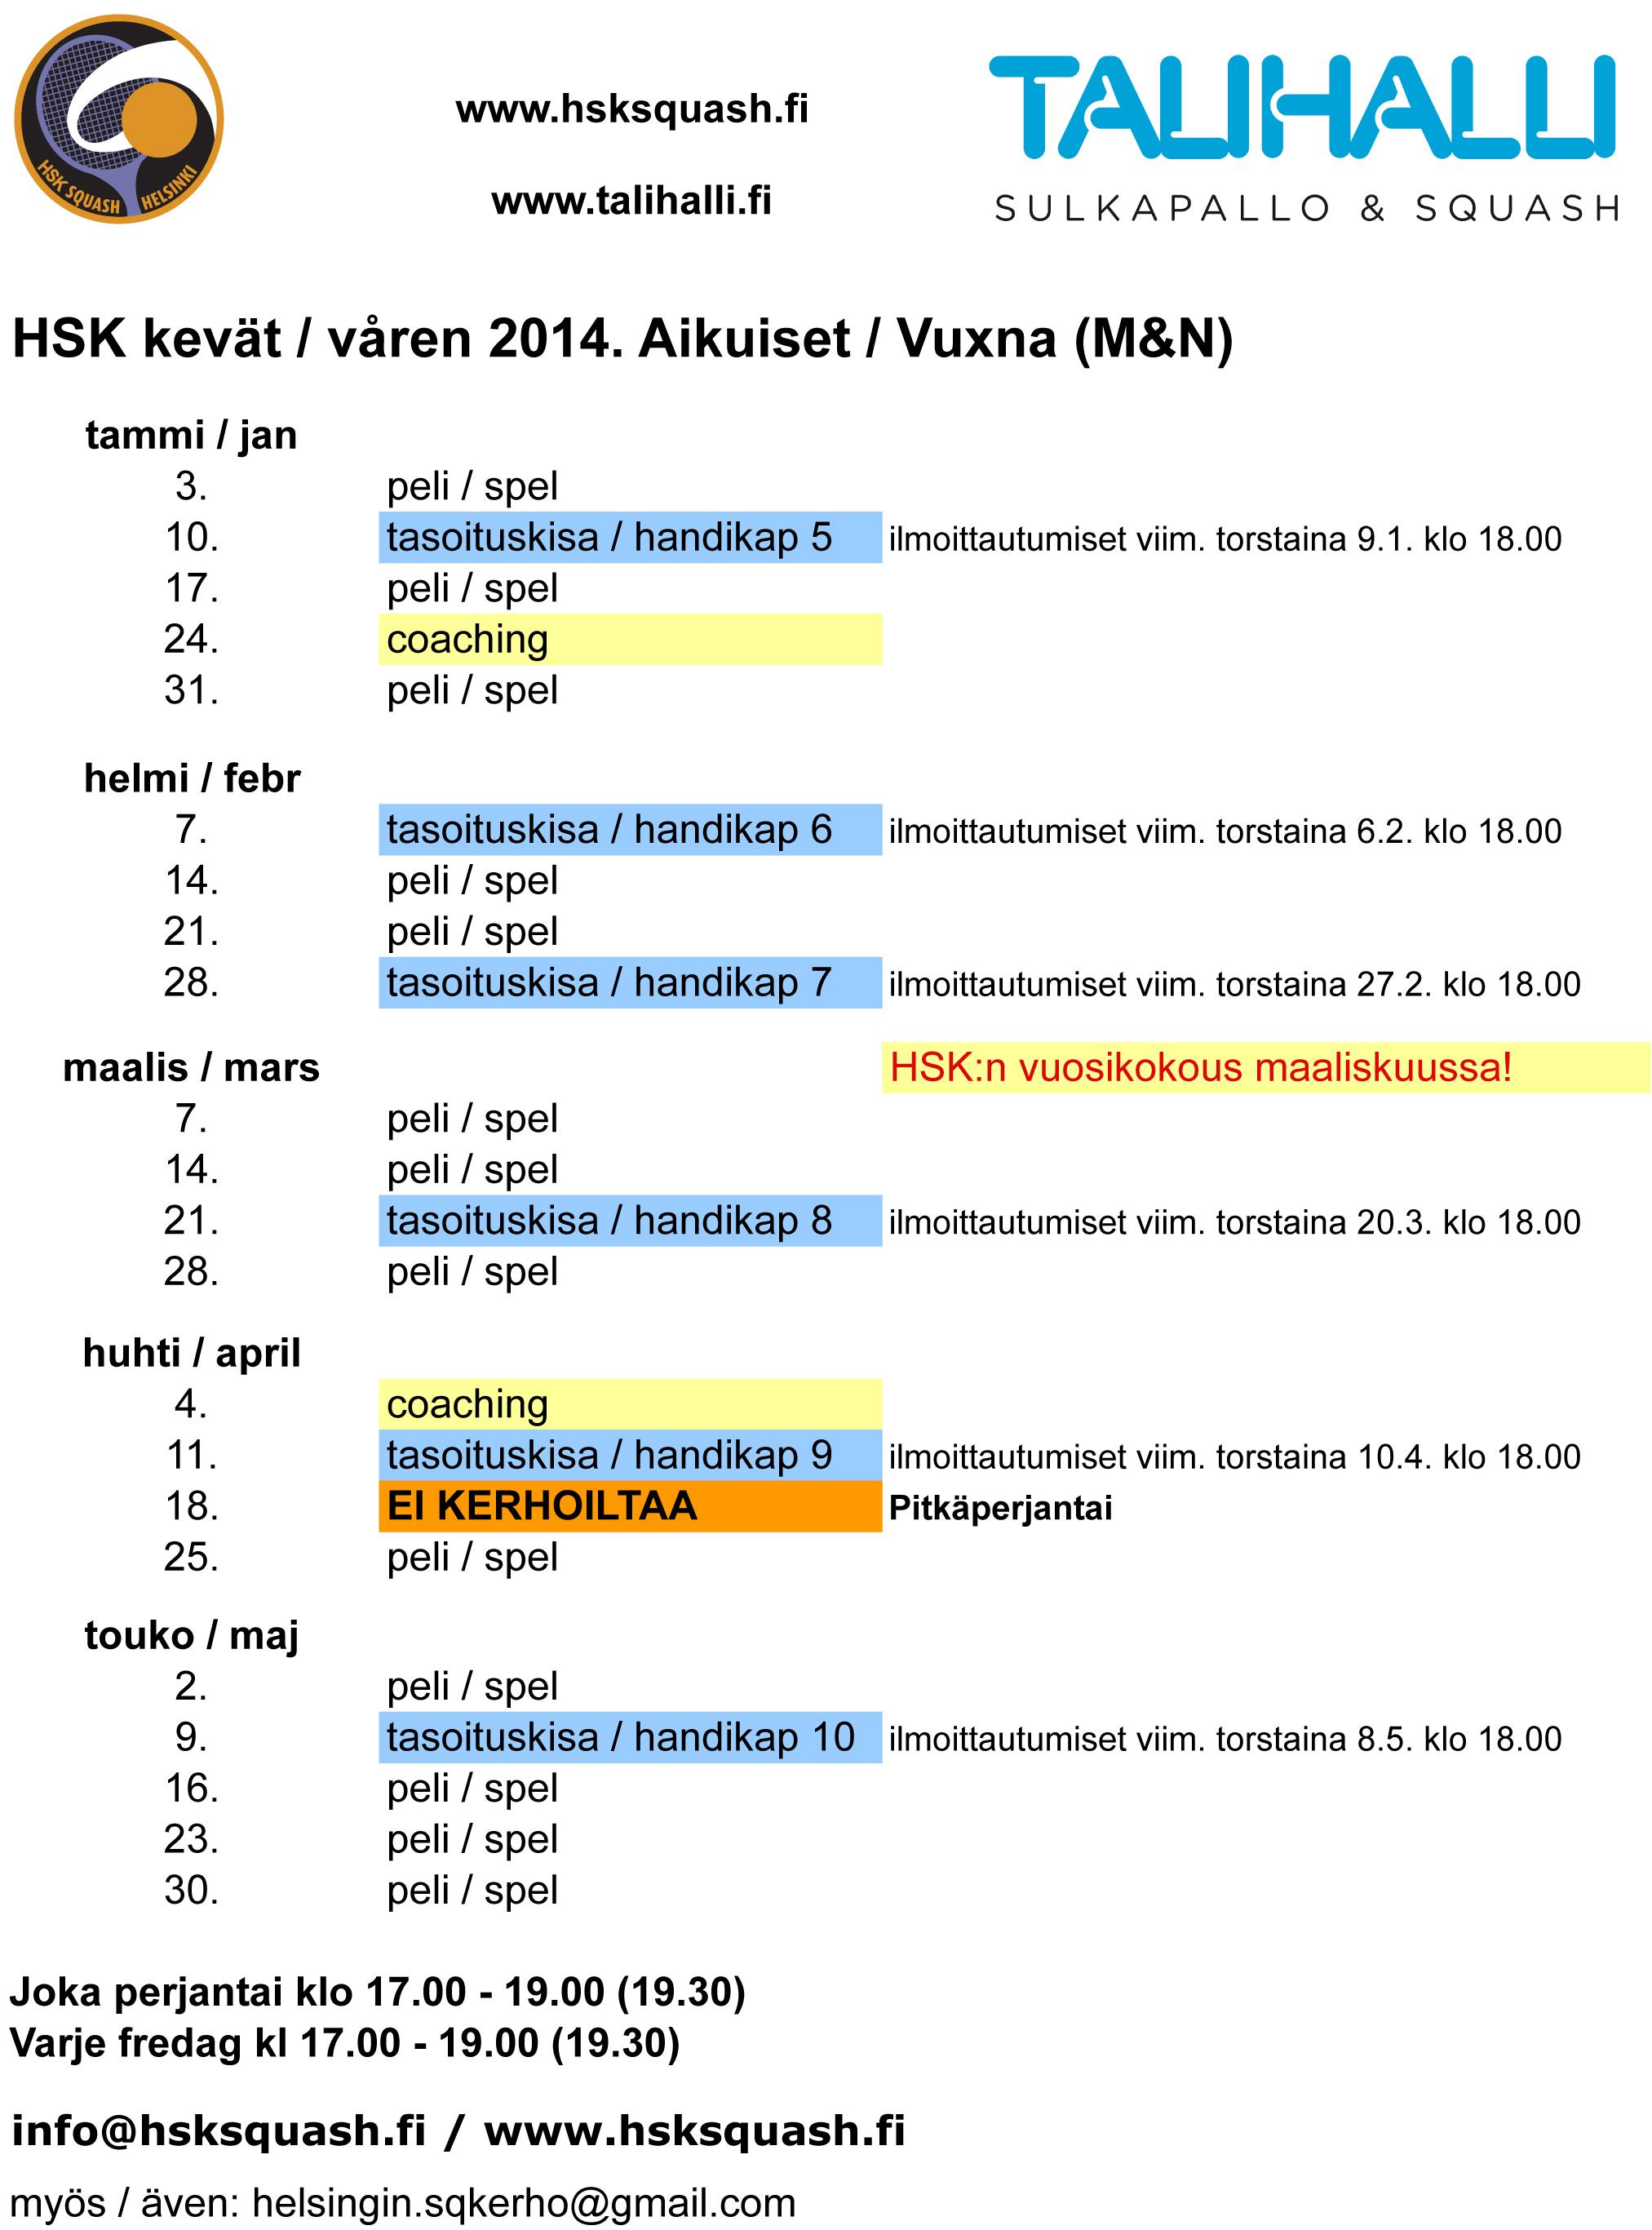 HSK kevat 2014 v1